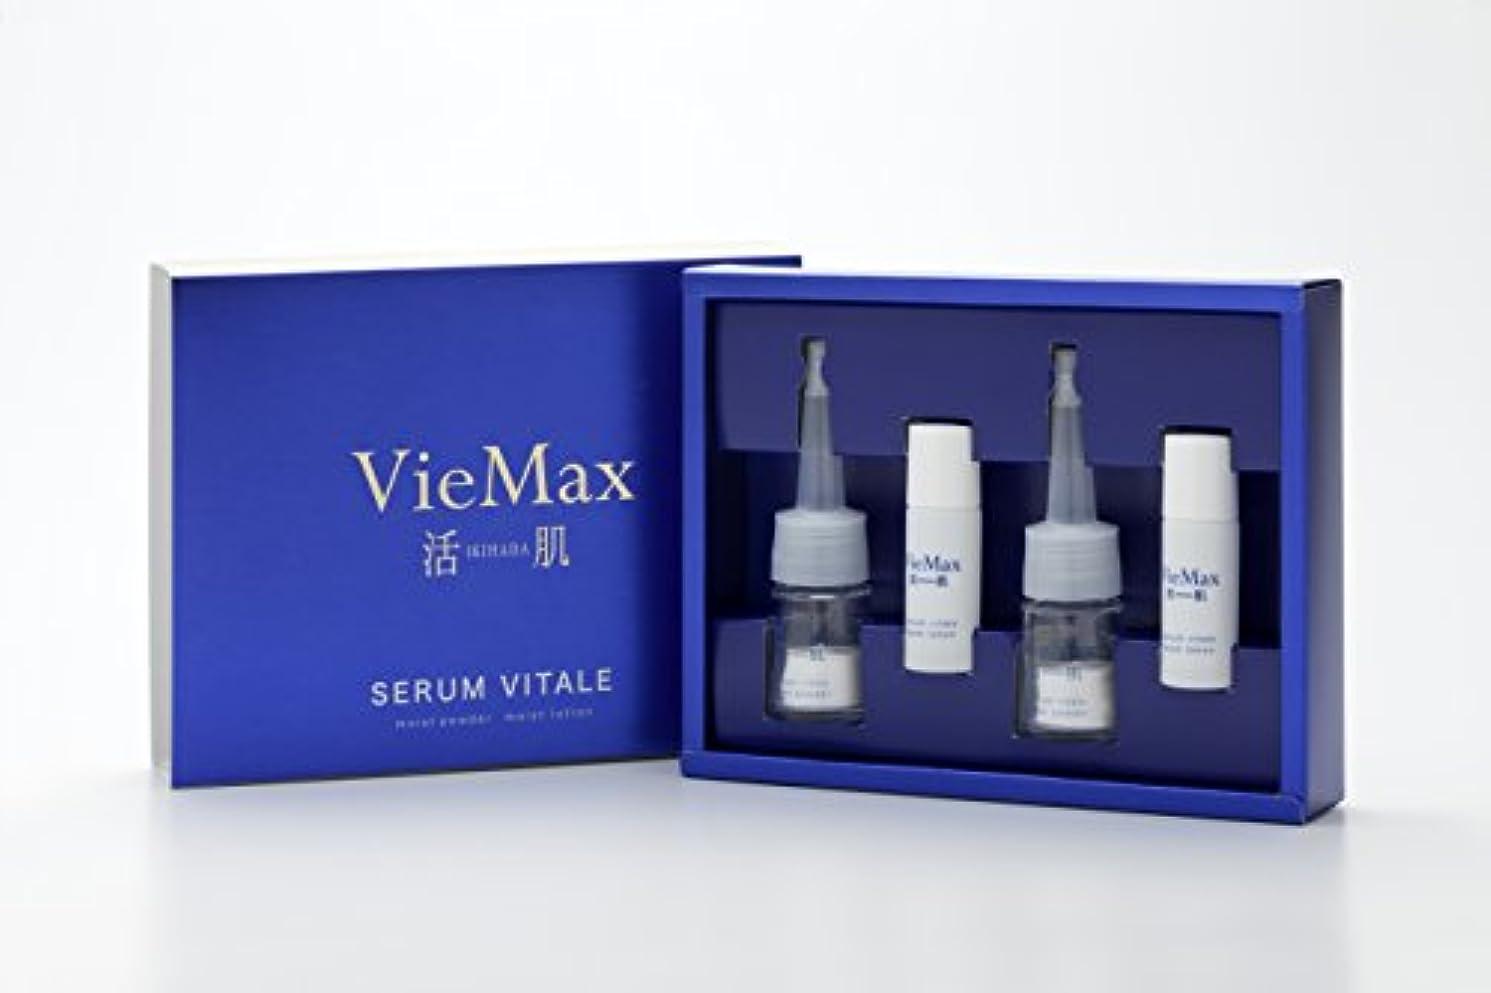 これまで制約けがをするVieMax活肌セラムヴィターレ(生コラーゲン美容液)2セット入り